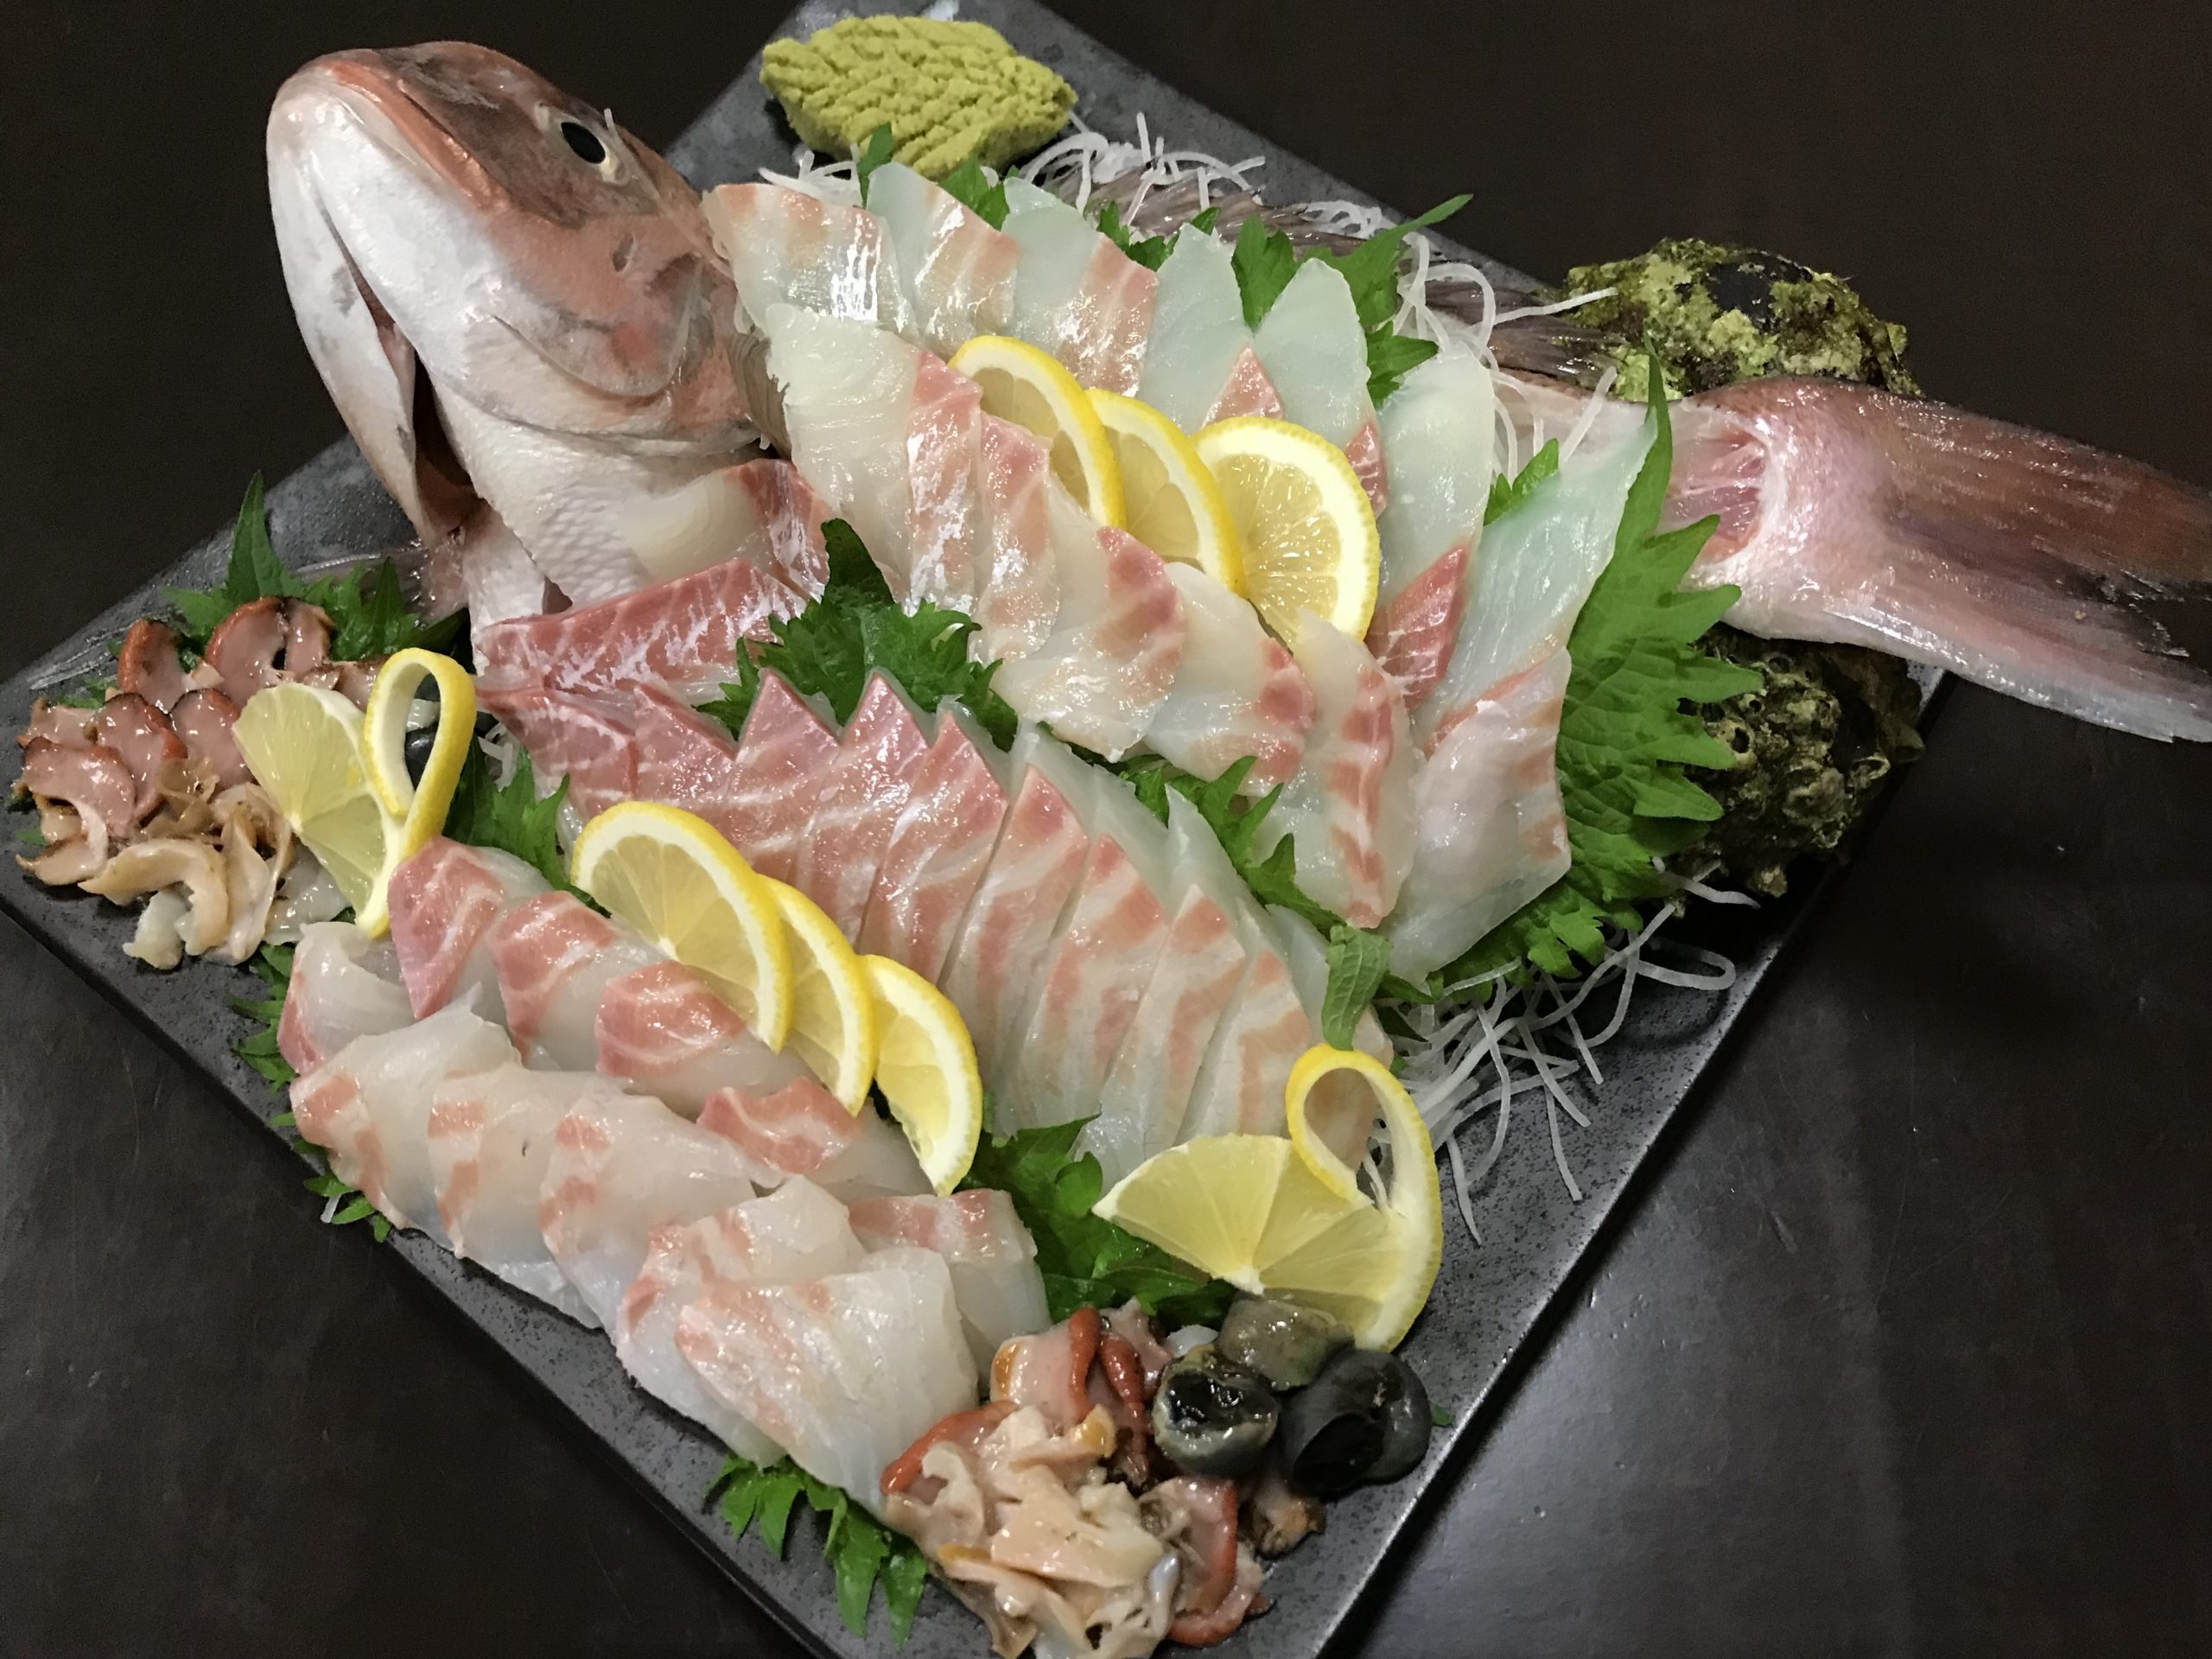 誕生日に最適な食事券! 奈良で人気の絶品グルメ